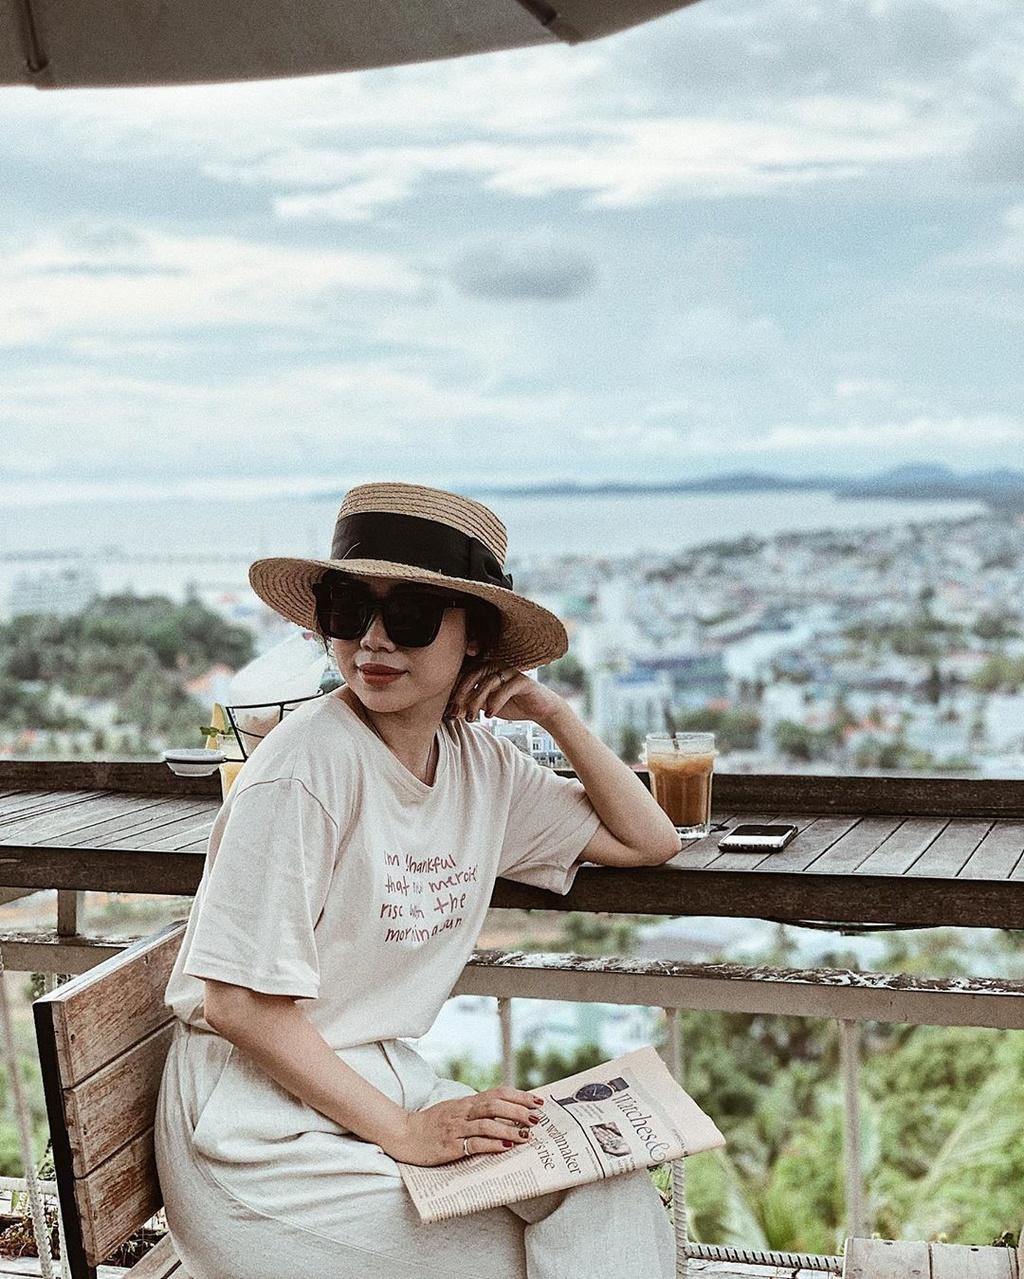 Chill het nac tai 4 diem ca phe view bien tuyet dep o Phu Quoc hinh anh 16  - thaosut_ - Chill hết nấc tại 4 điểm cà phê view biển tuyệt đẹp ở Phú Quốc